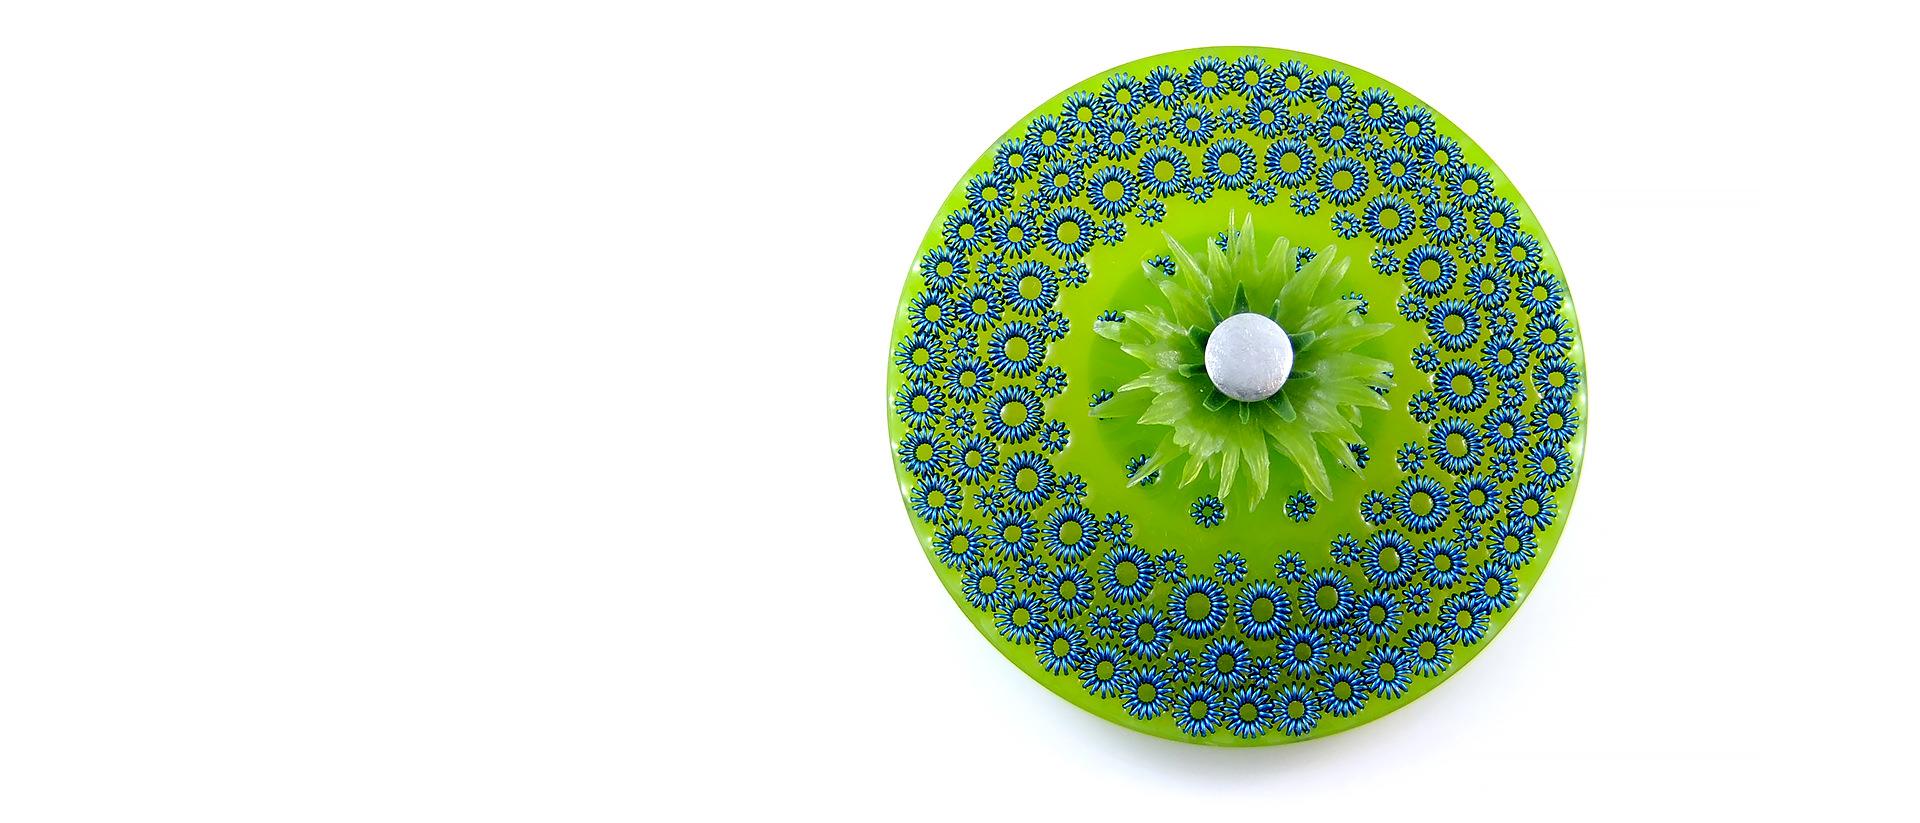 Pamela Ritchie, Untitled, broche, résine, parawire, argent sterling, diamètre : 8 cm x 1,5 cm (profondeur). Collection privée, Canada. Photo de l'artiste